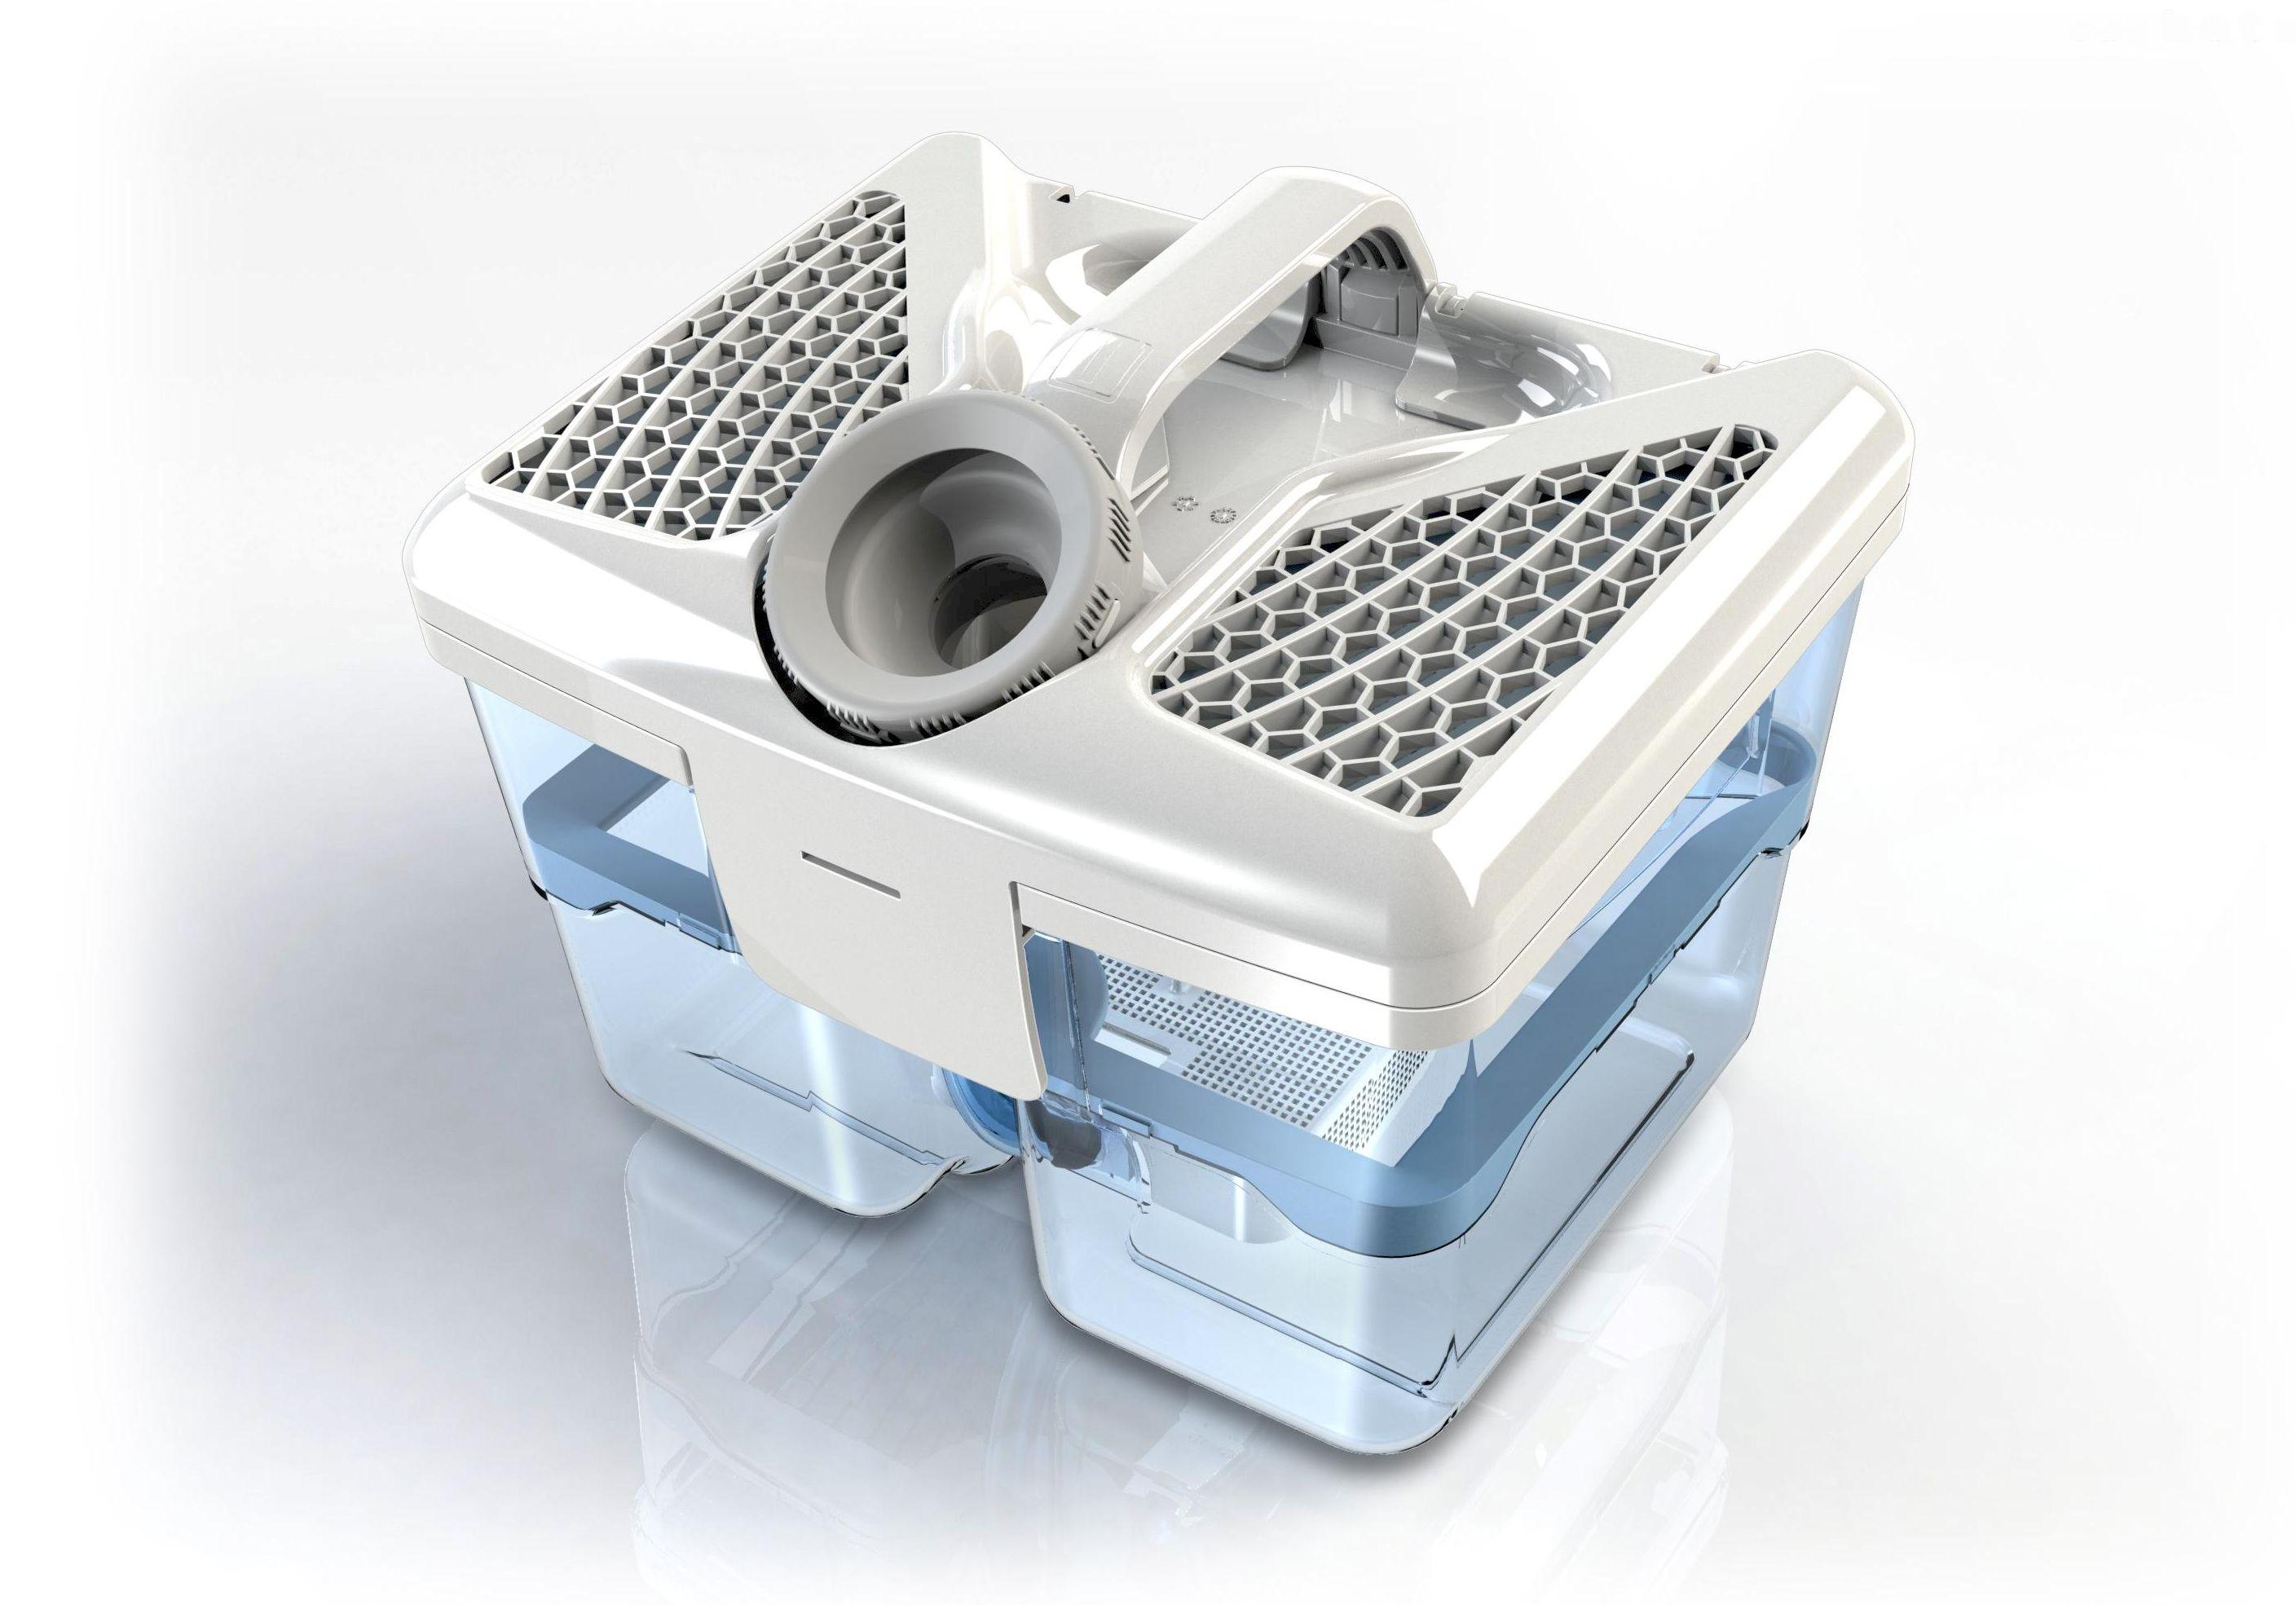 Лучшие моющие пылесосы с аквафильтром: рейтинг топ-10 лучших моделей + советы по выбору